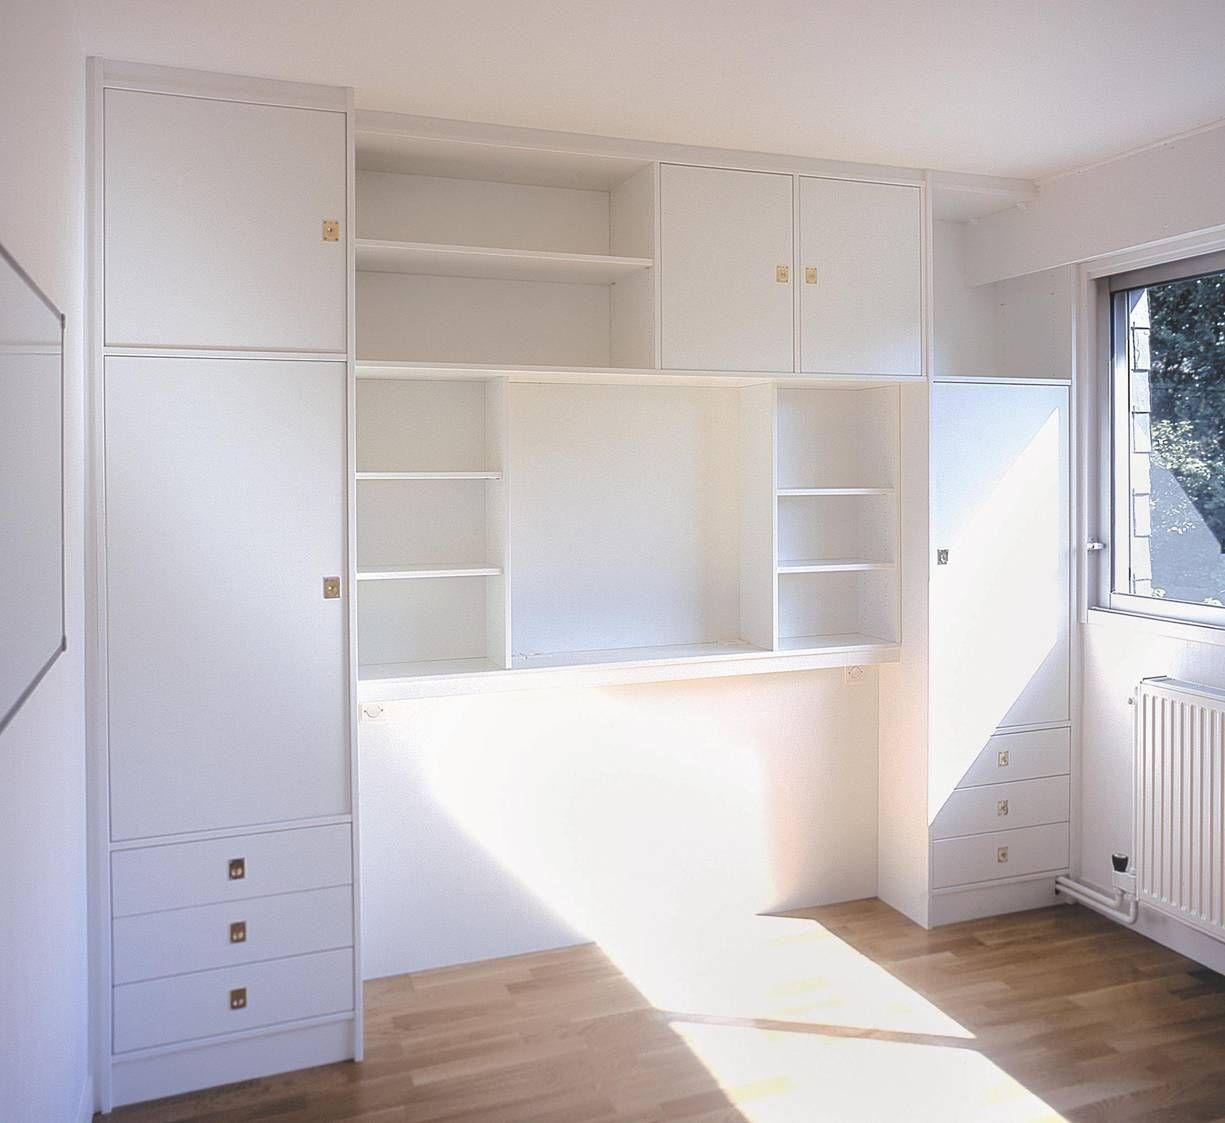 Chambre Sur Mesure Paris Nantes Vannes Lorient La Compagnie Des Ateliers Rangement Pour Petite Chambre Amenagement Chambre Tete De Lit Avec Rangement